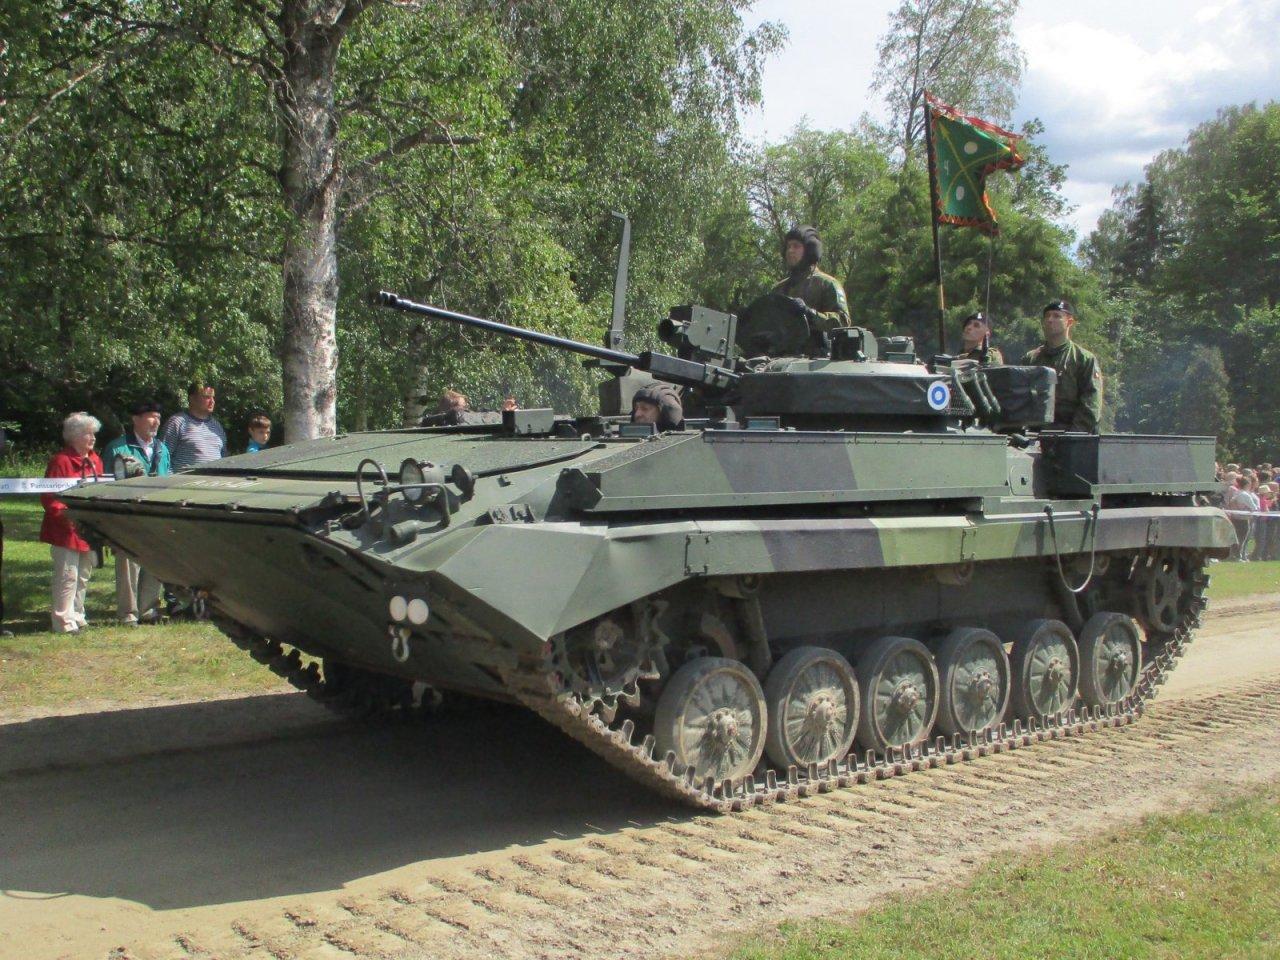 BMP-2.thumb.jpg.db771d6c3a843435bf5410230b8e35e0.jpg